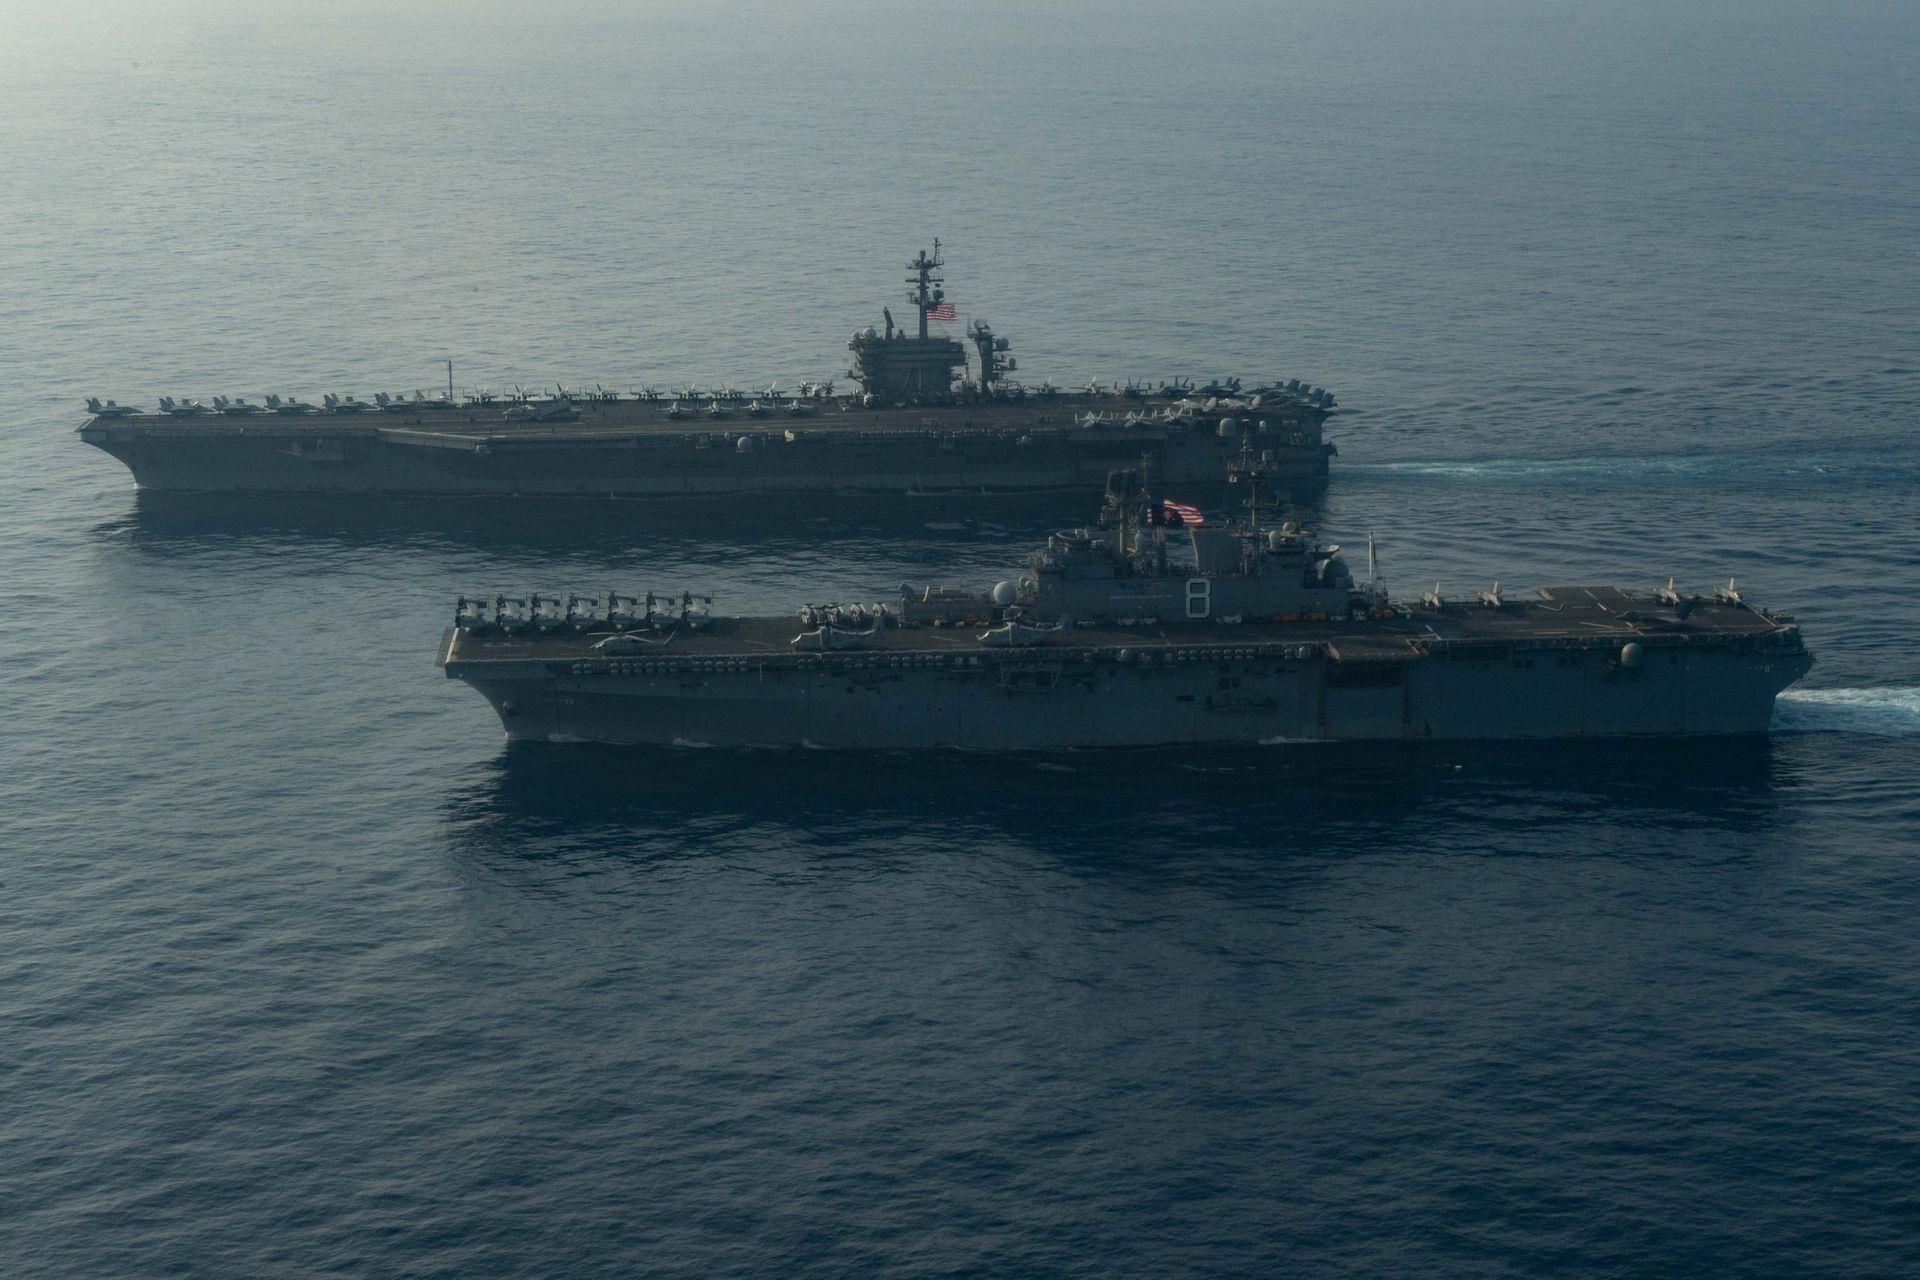 中菲南海争端持续 菲军派军舰支援多个争议岛礁(组图)